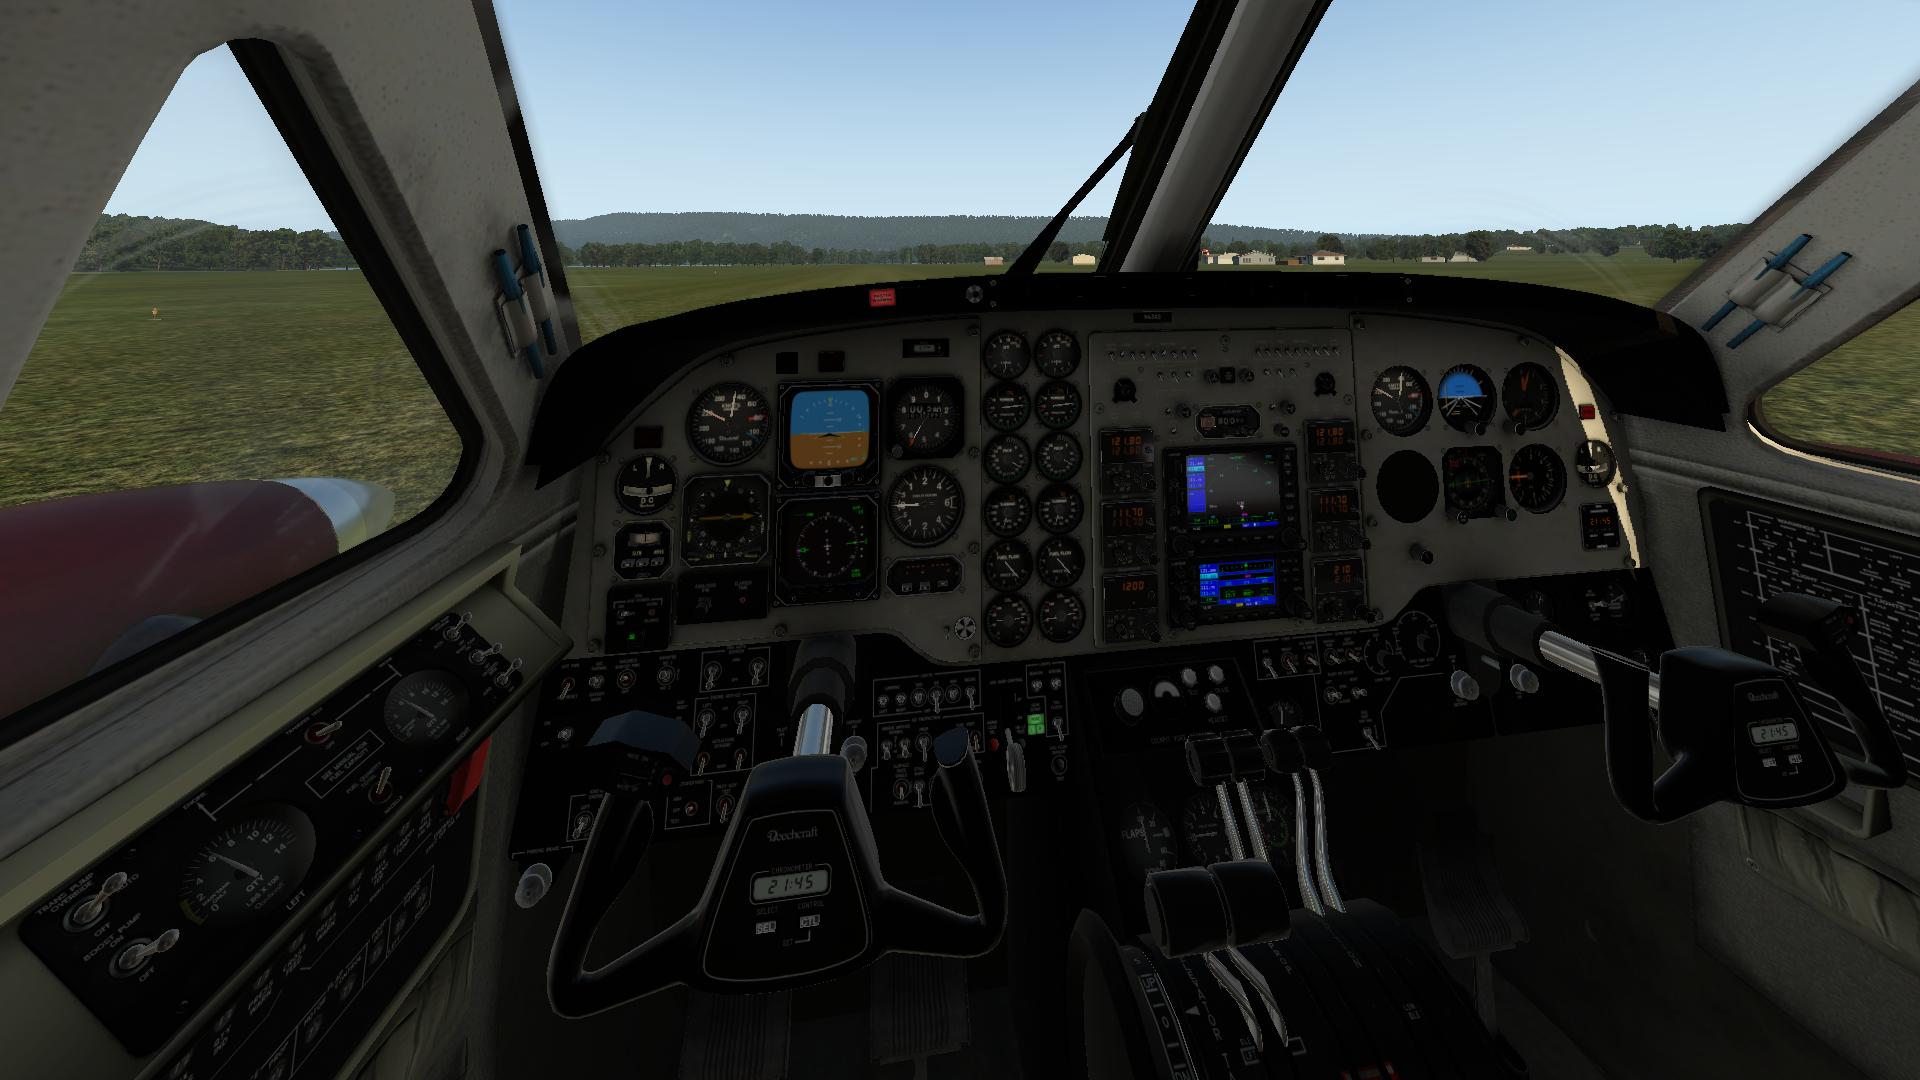 Paras Lentosimulaattori